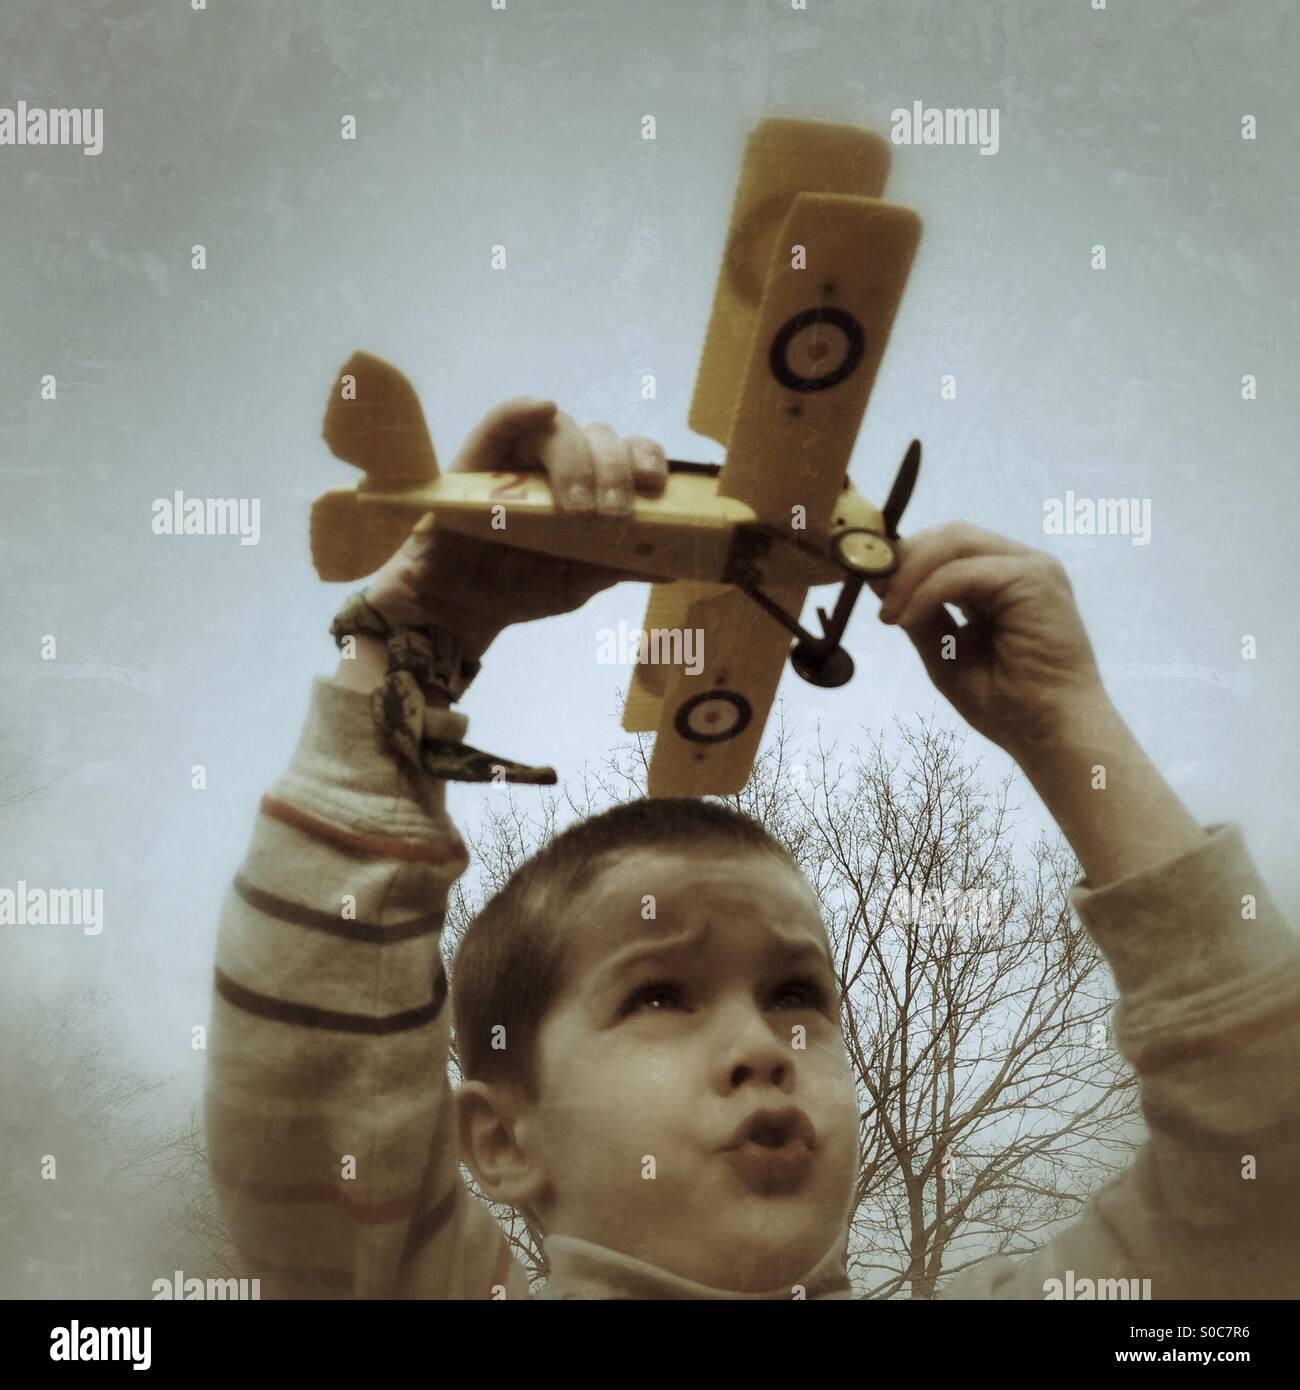 Joven jugando con modelo de biplano Imagen De Stock